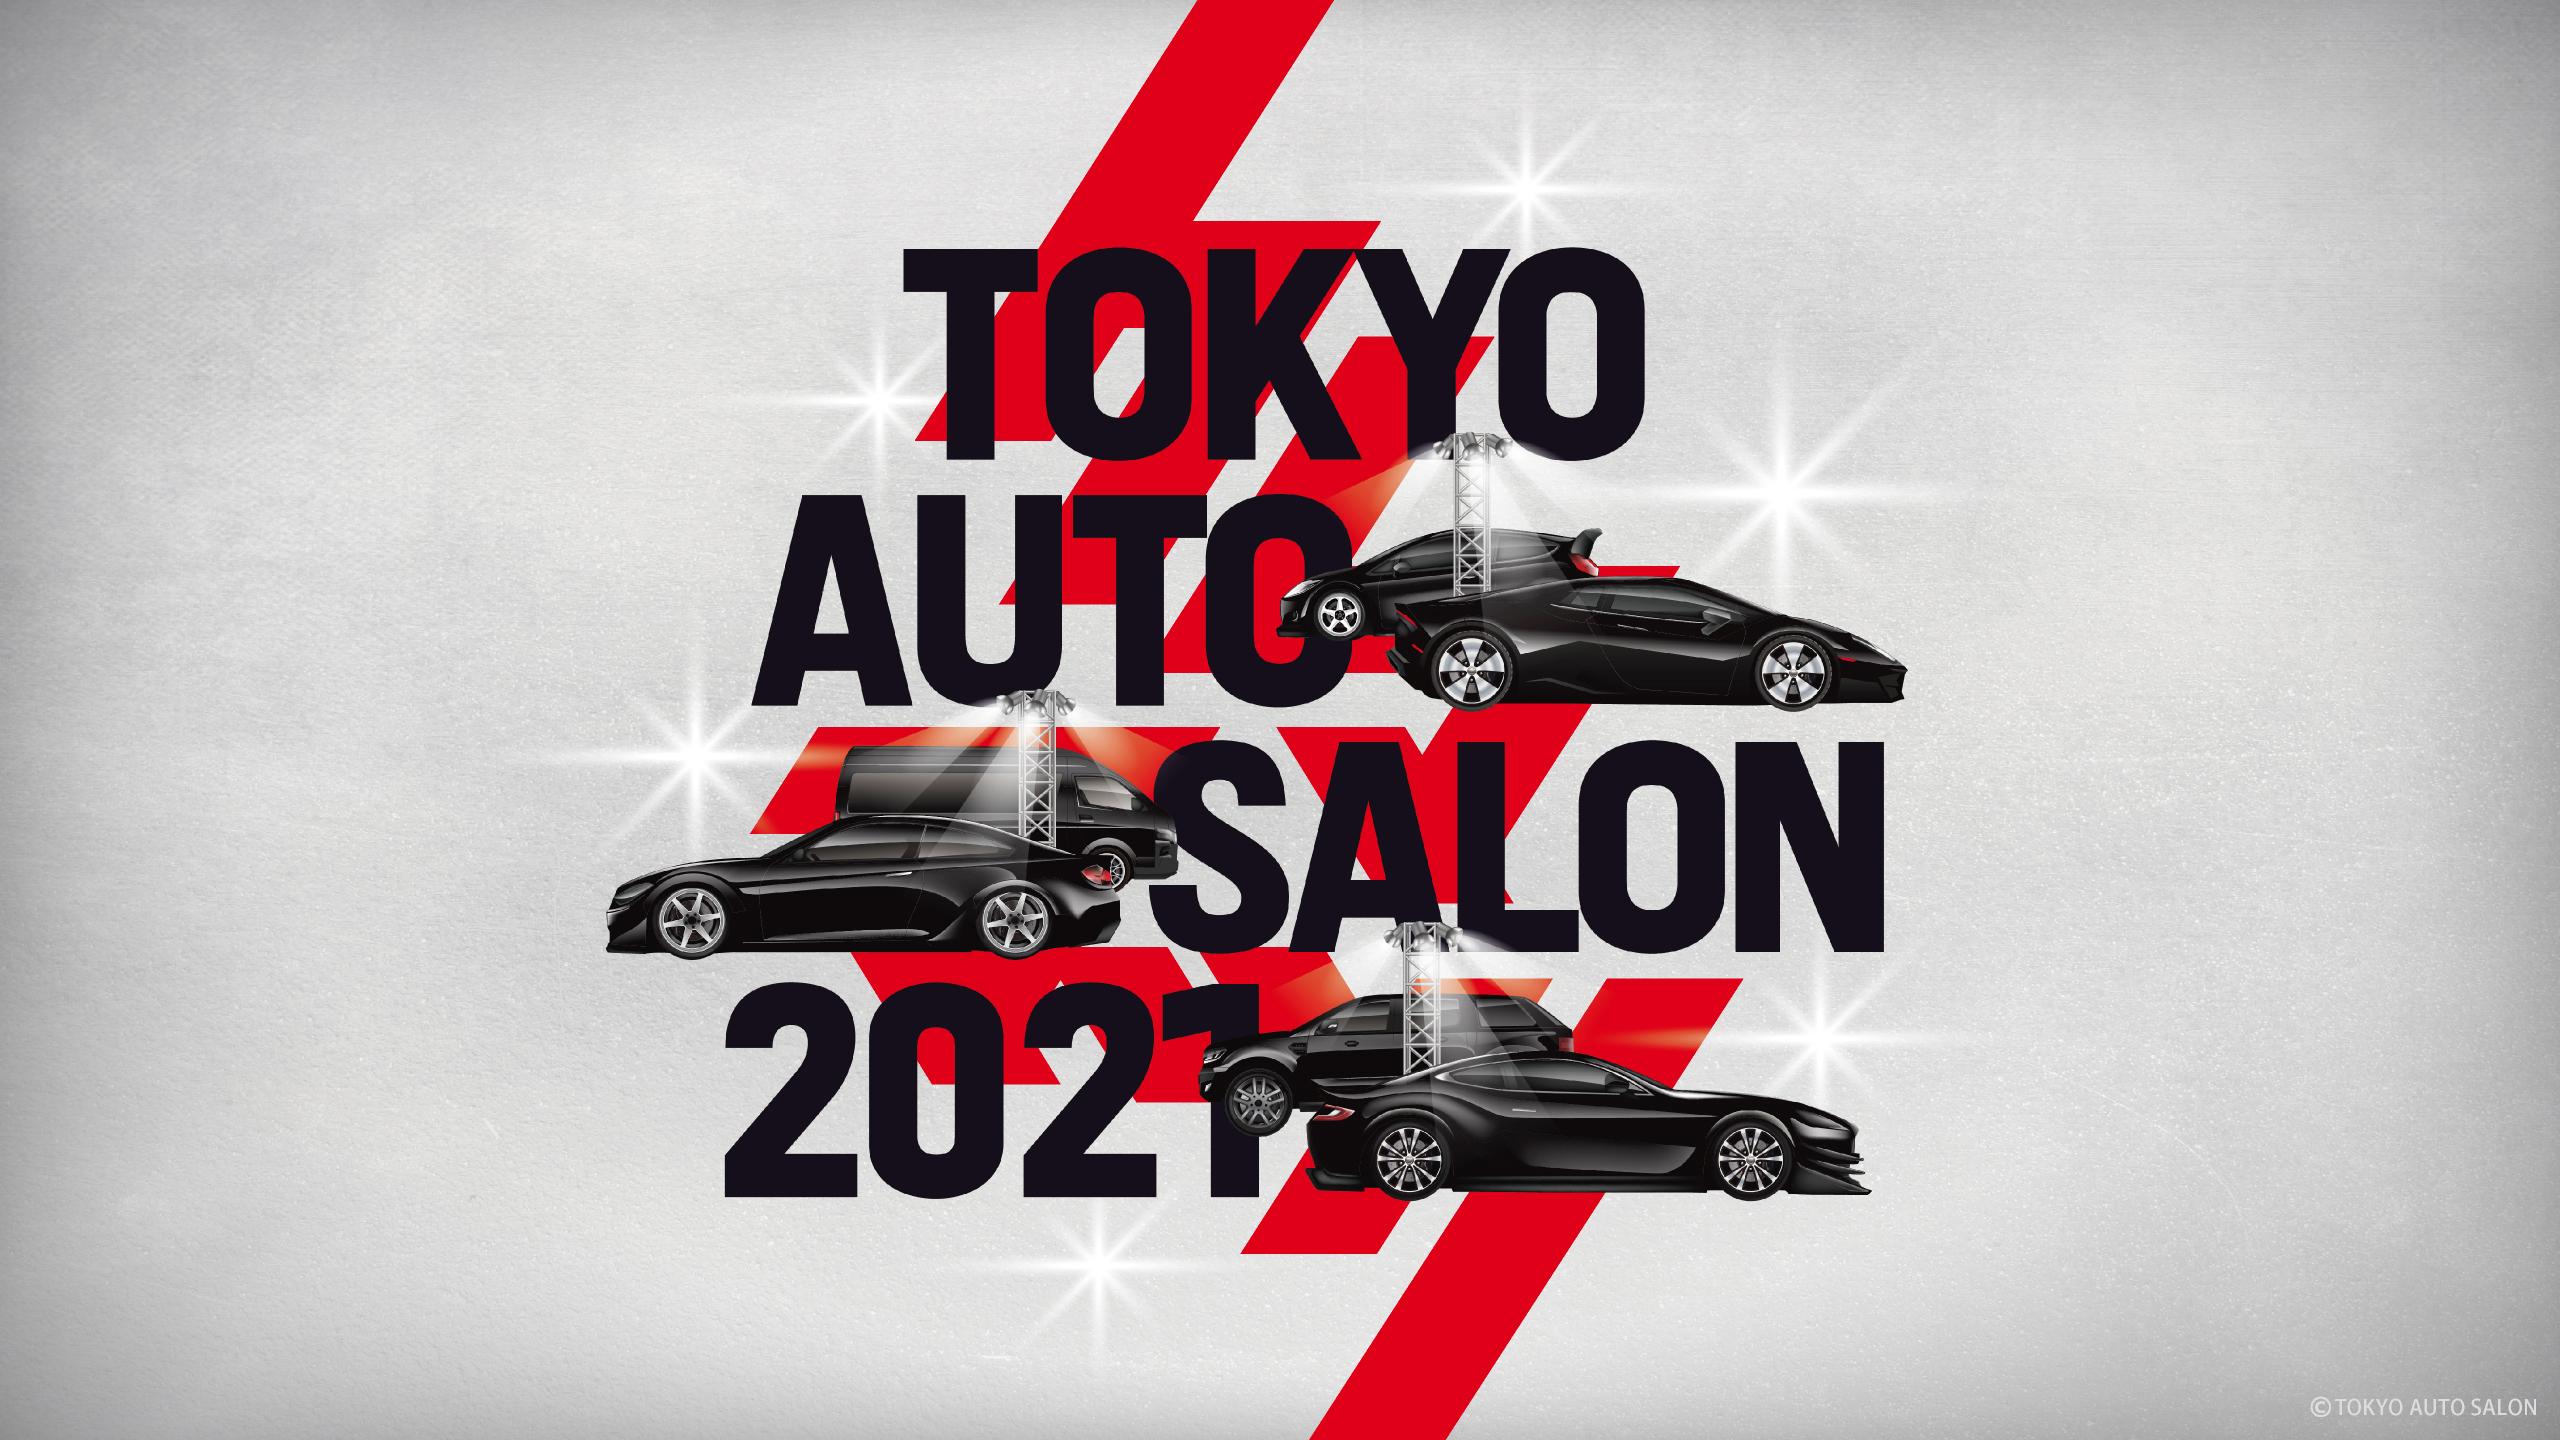 東京オートサロン2021 キービジュアルの壁紙